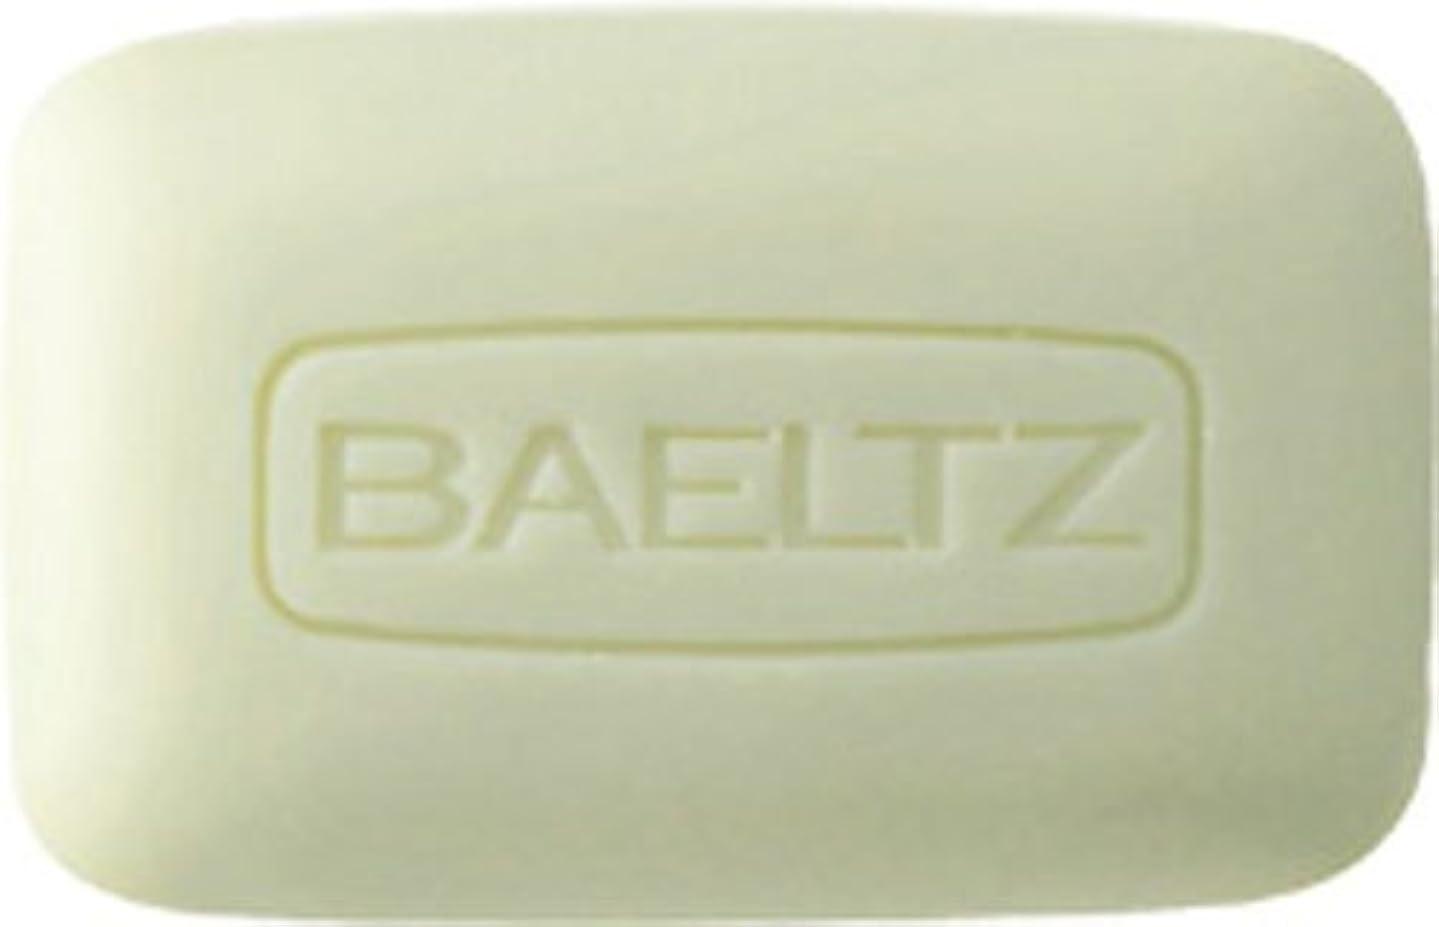 見る生態学援助ドクターベルツ(Dr.BAELTZ) モイスチュアソープ DN 80g(洗顔石けん)